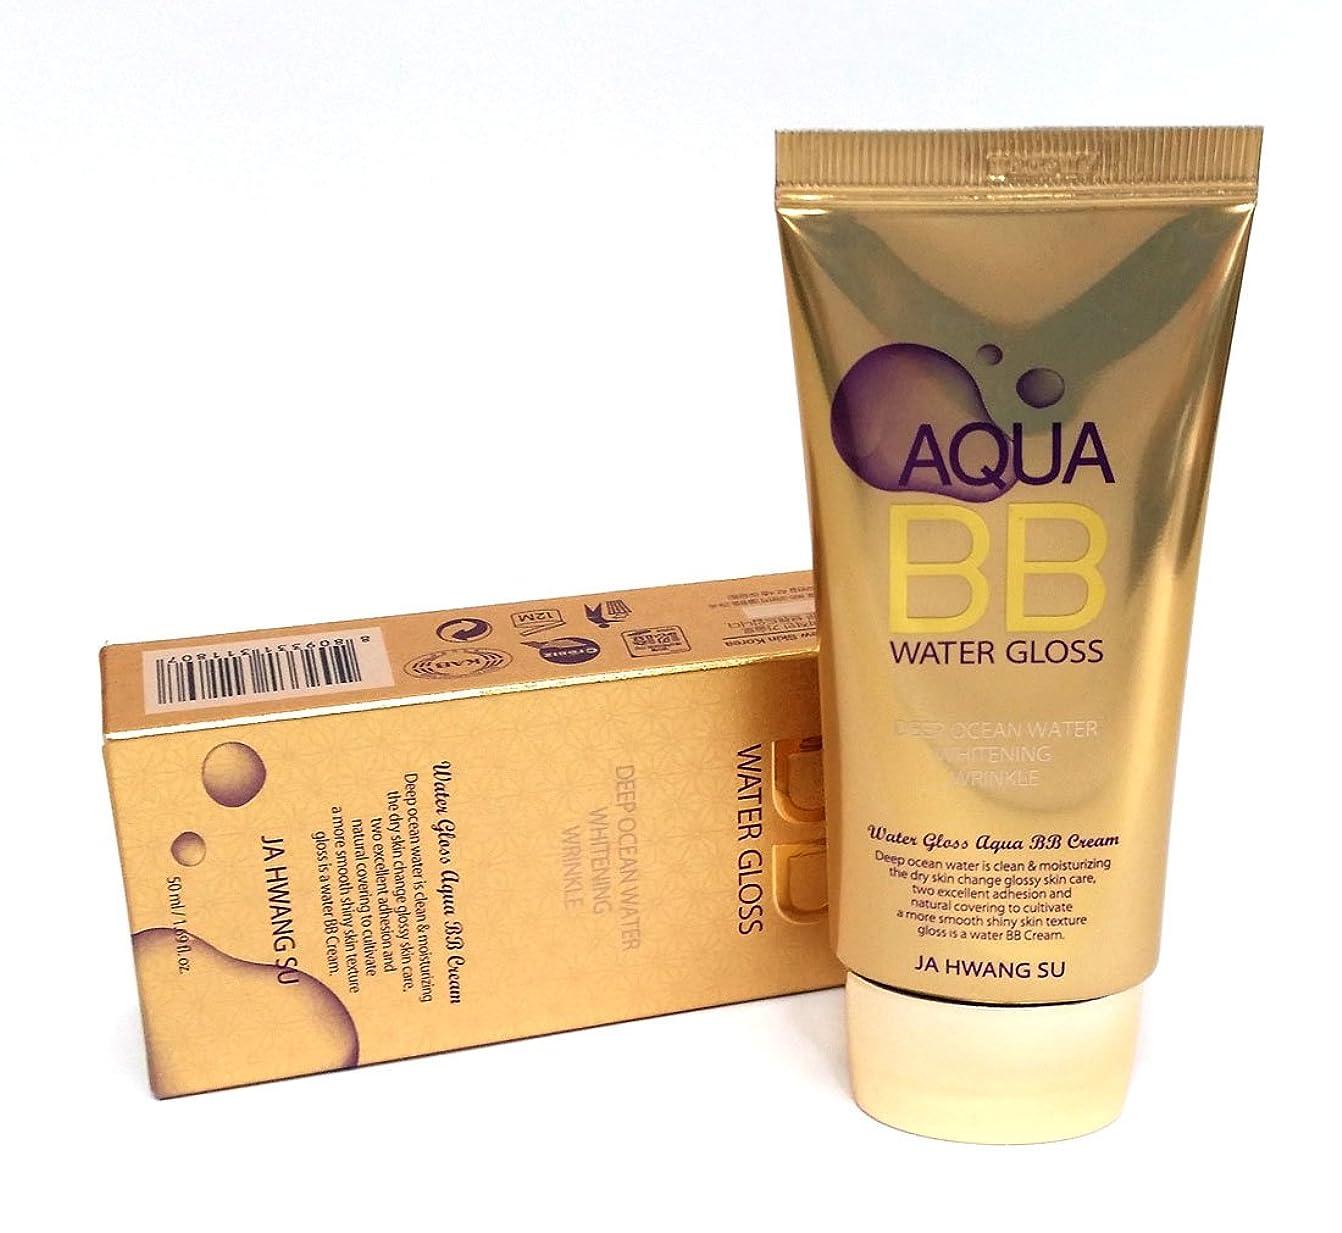 スリル論争の的全部[Ja Hwang Su] アクアウォーターグロスBBクリーム50ml / Aqua Water Gloss BB Cream 50ml / 美白、しわ / whitening, wrinkle / 韓国化粧品 / Korean Cosmetics [並行輸入品]